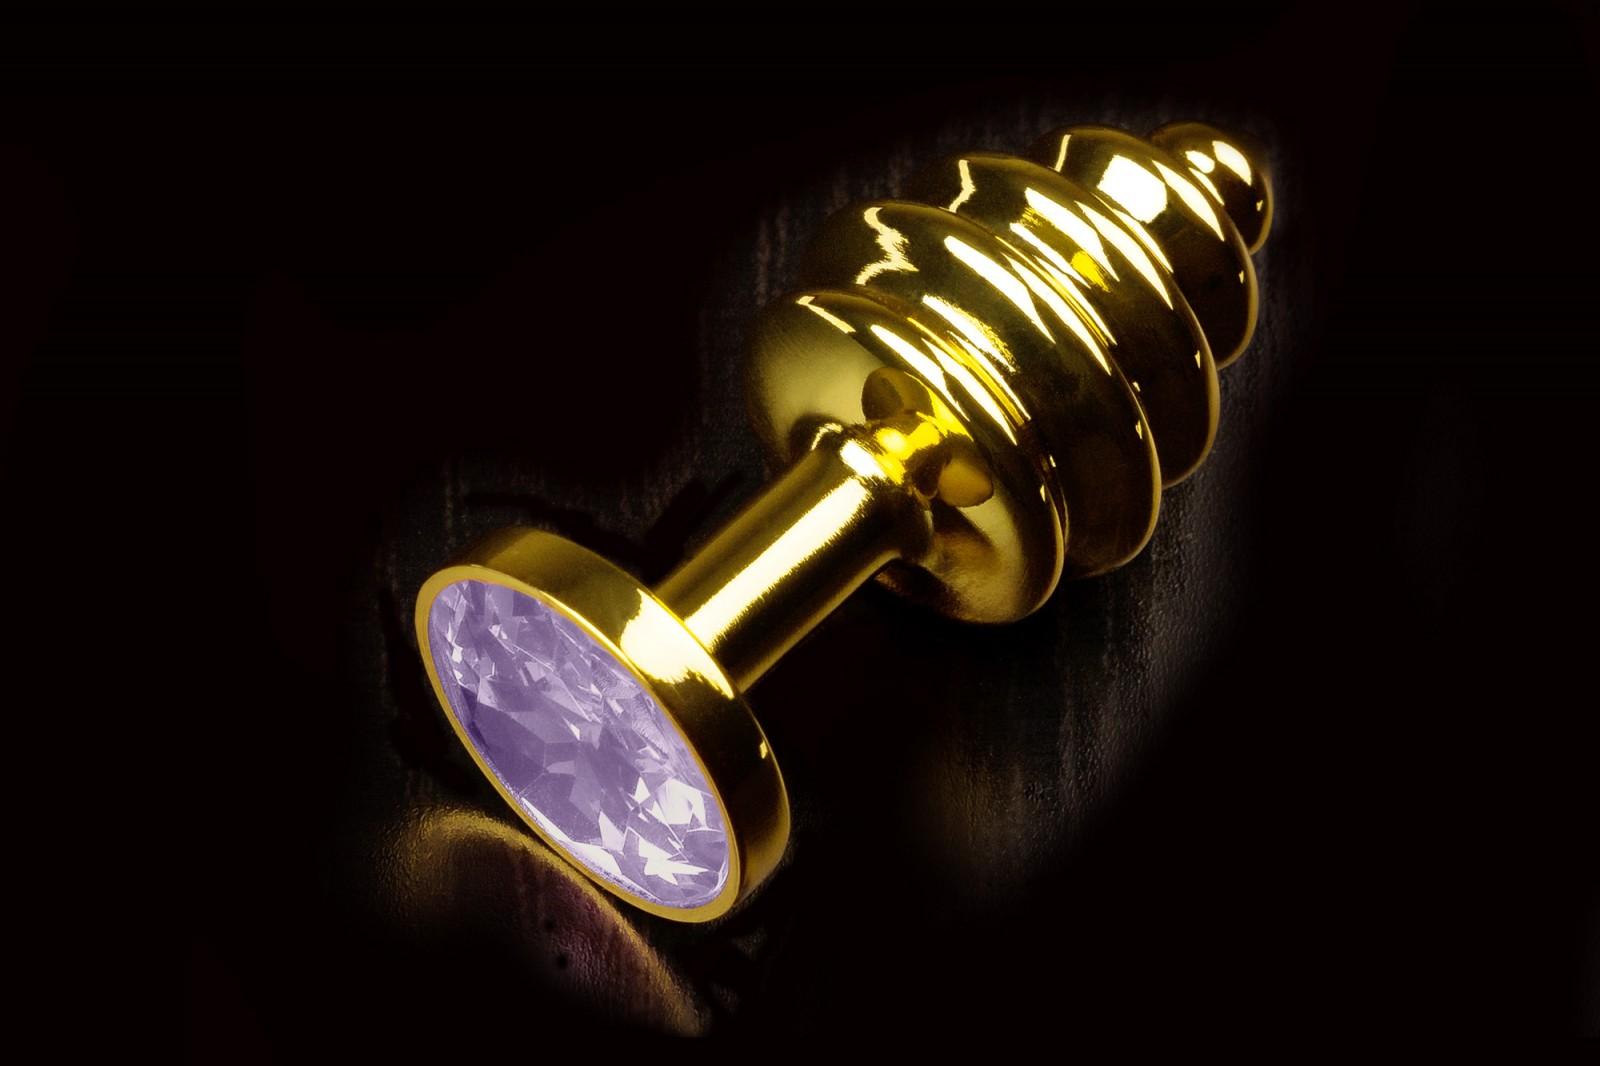 Маленькая витая анальная пробка золотистая с кристаллом, сиреневым